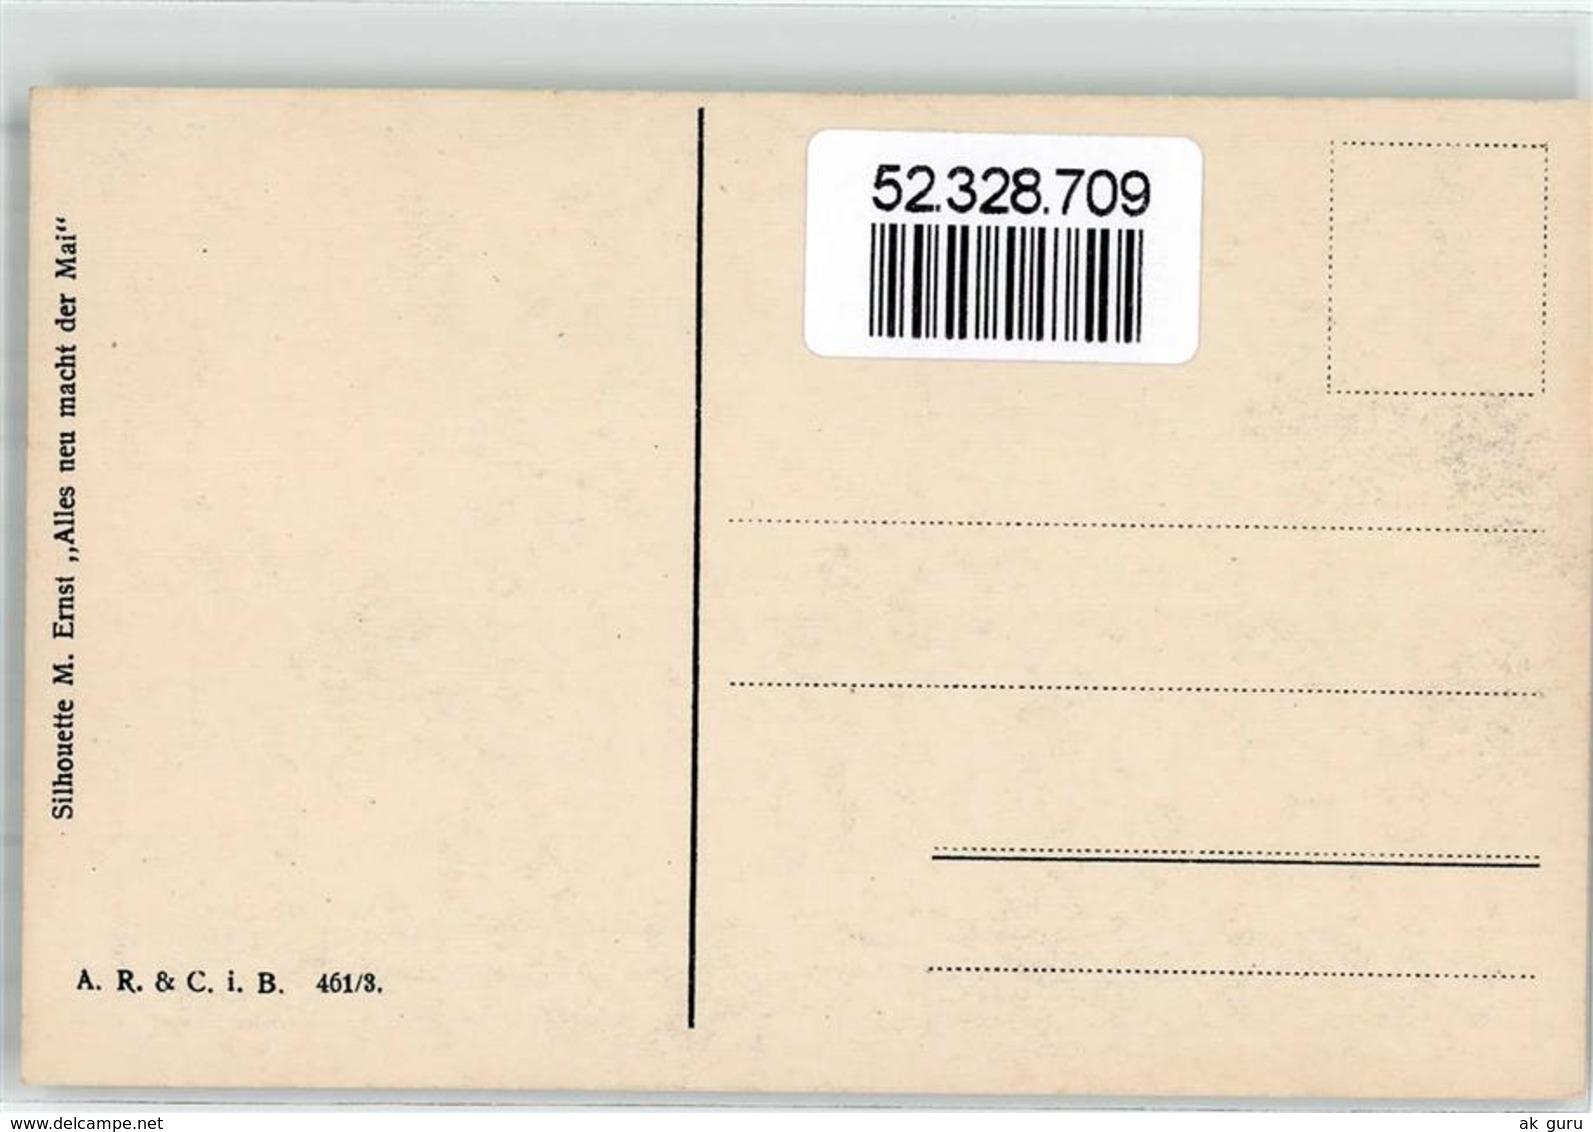 52328709 - Silhouette - Scherenschnitt - Silhouette